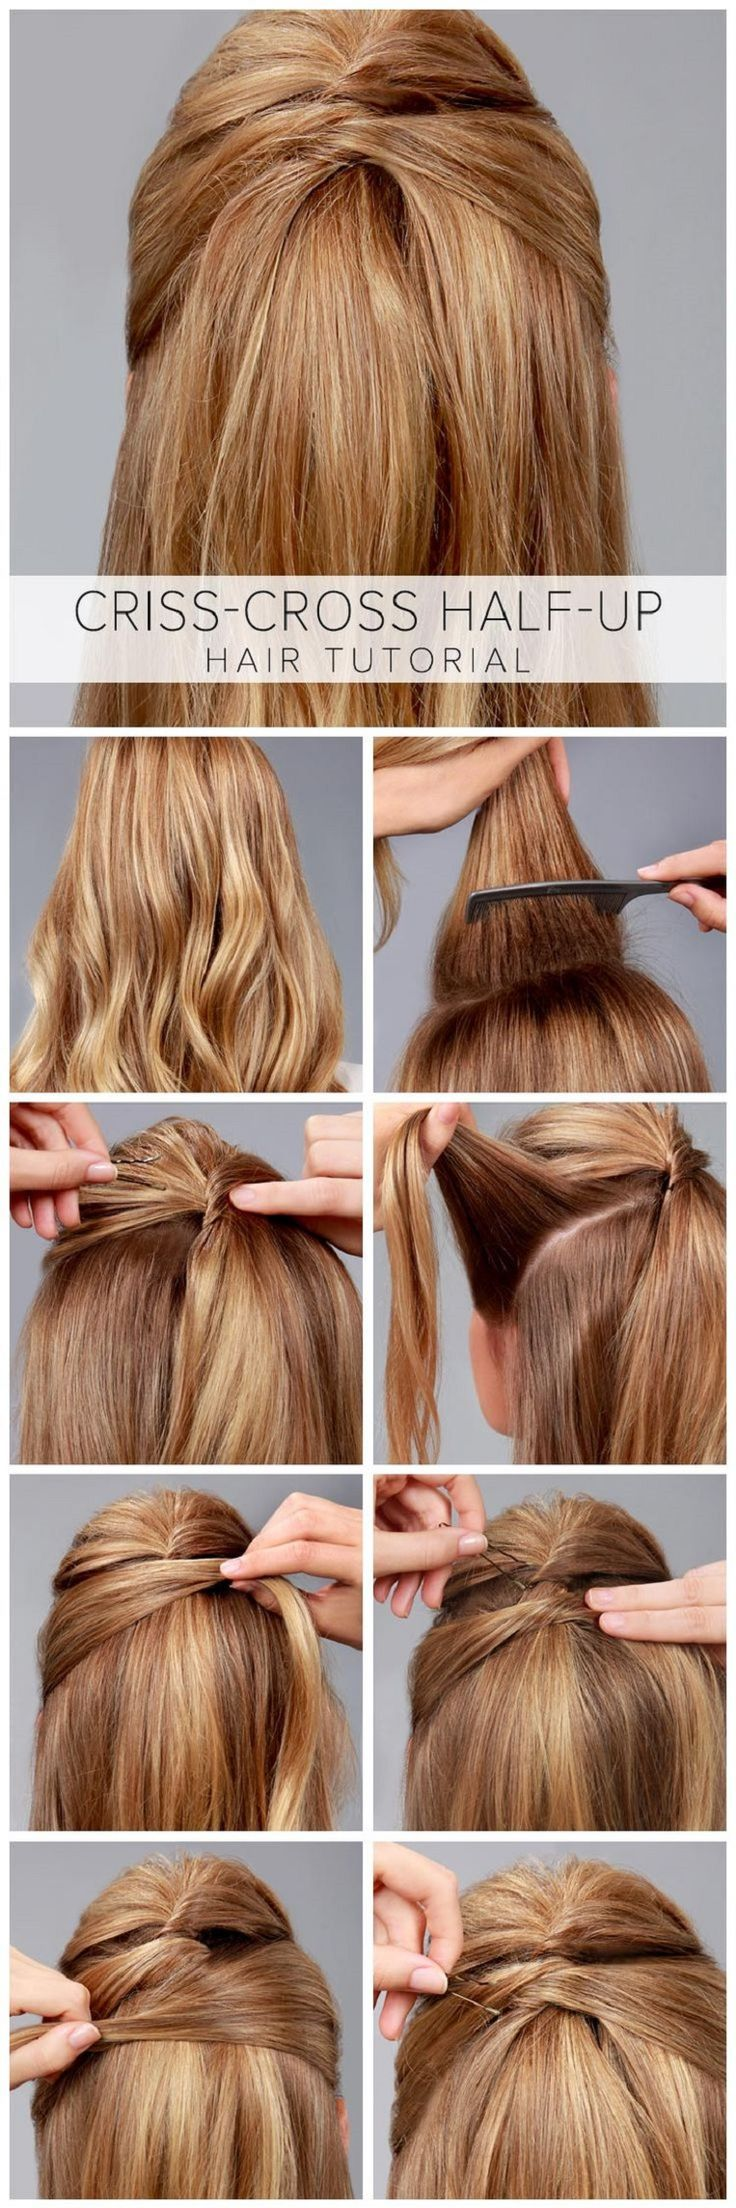 Penteado cabelo solto - topete alto - Criss-cross part up/part down